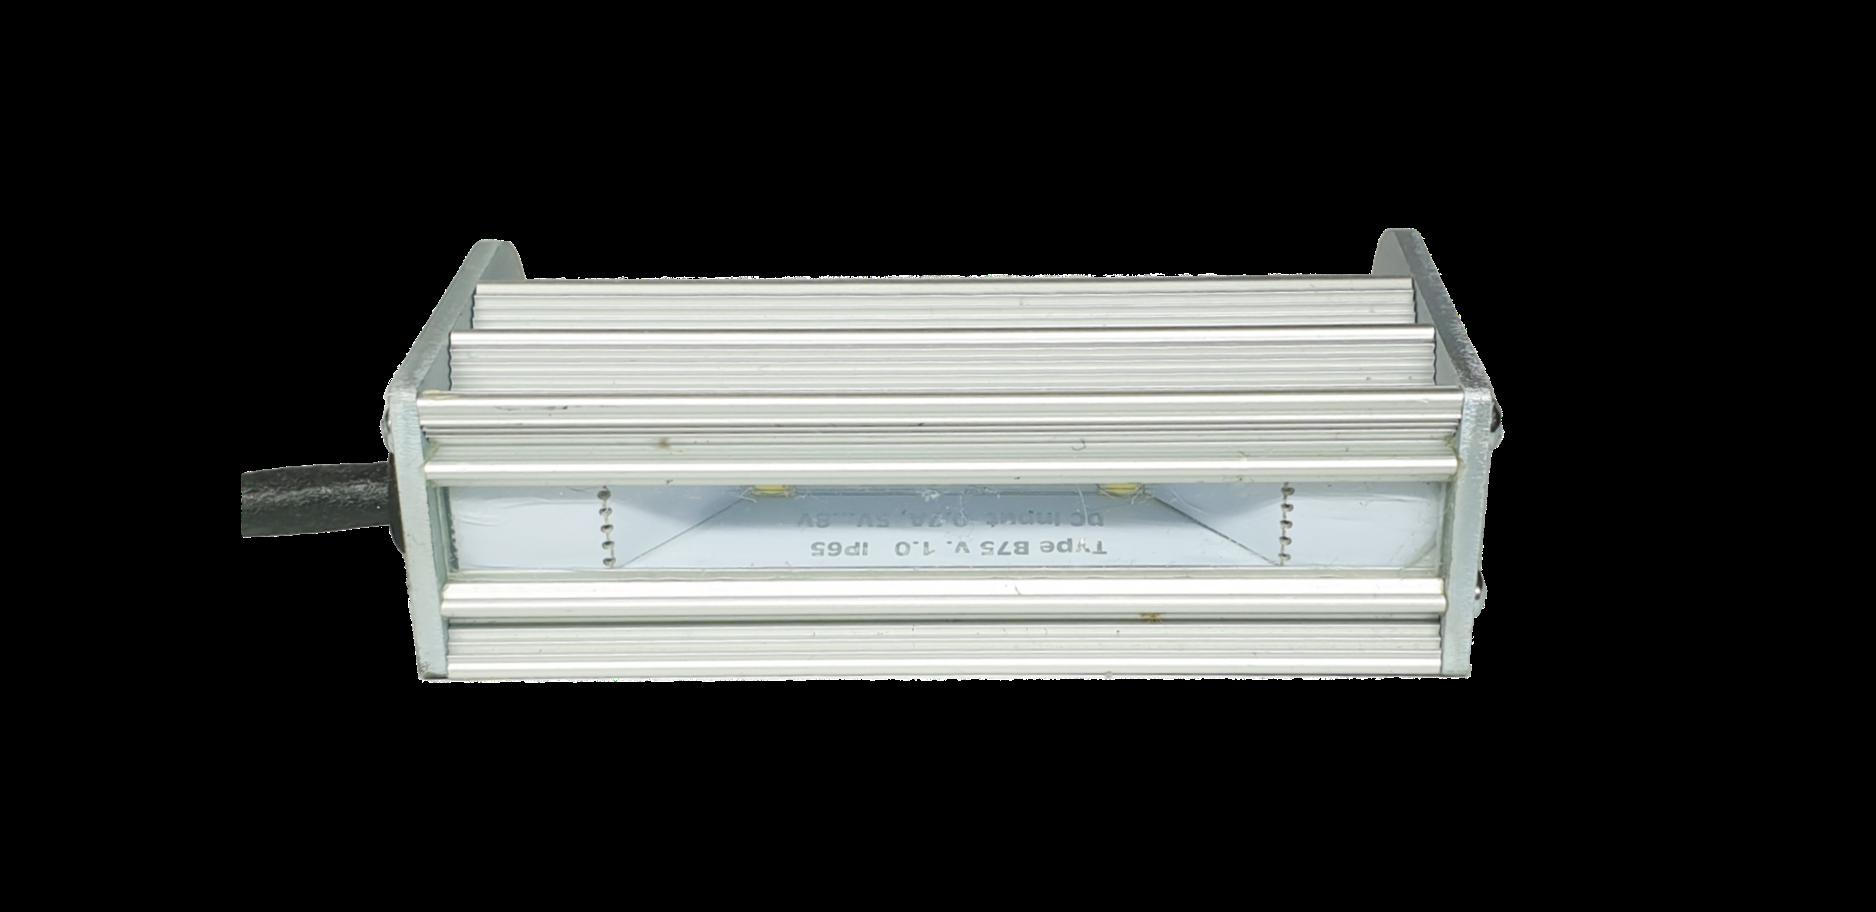 LED-Spottivalo pieni AA-Elektroniikka